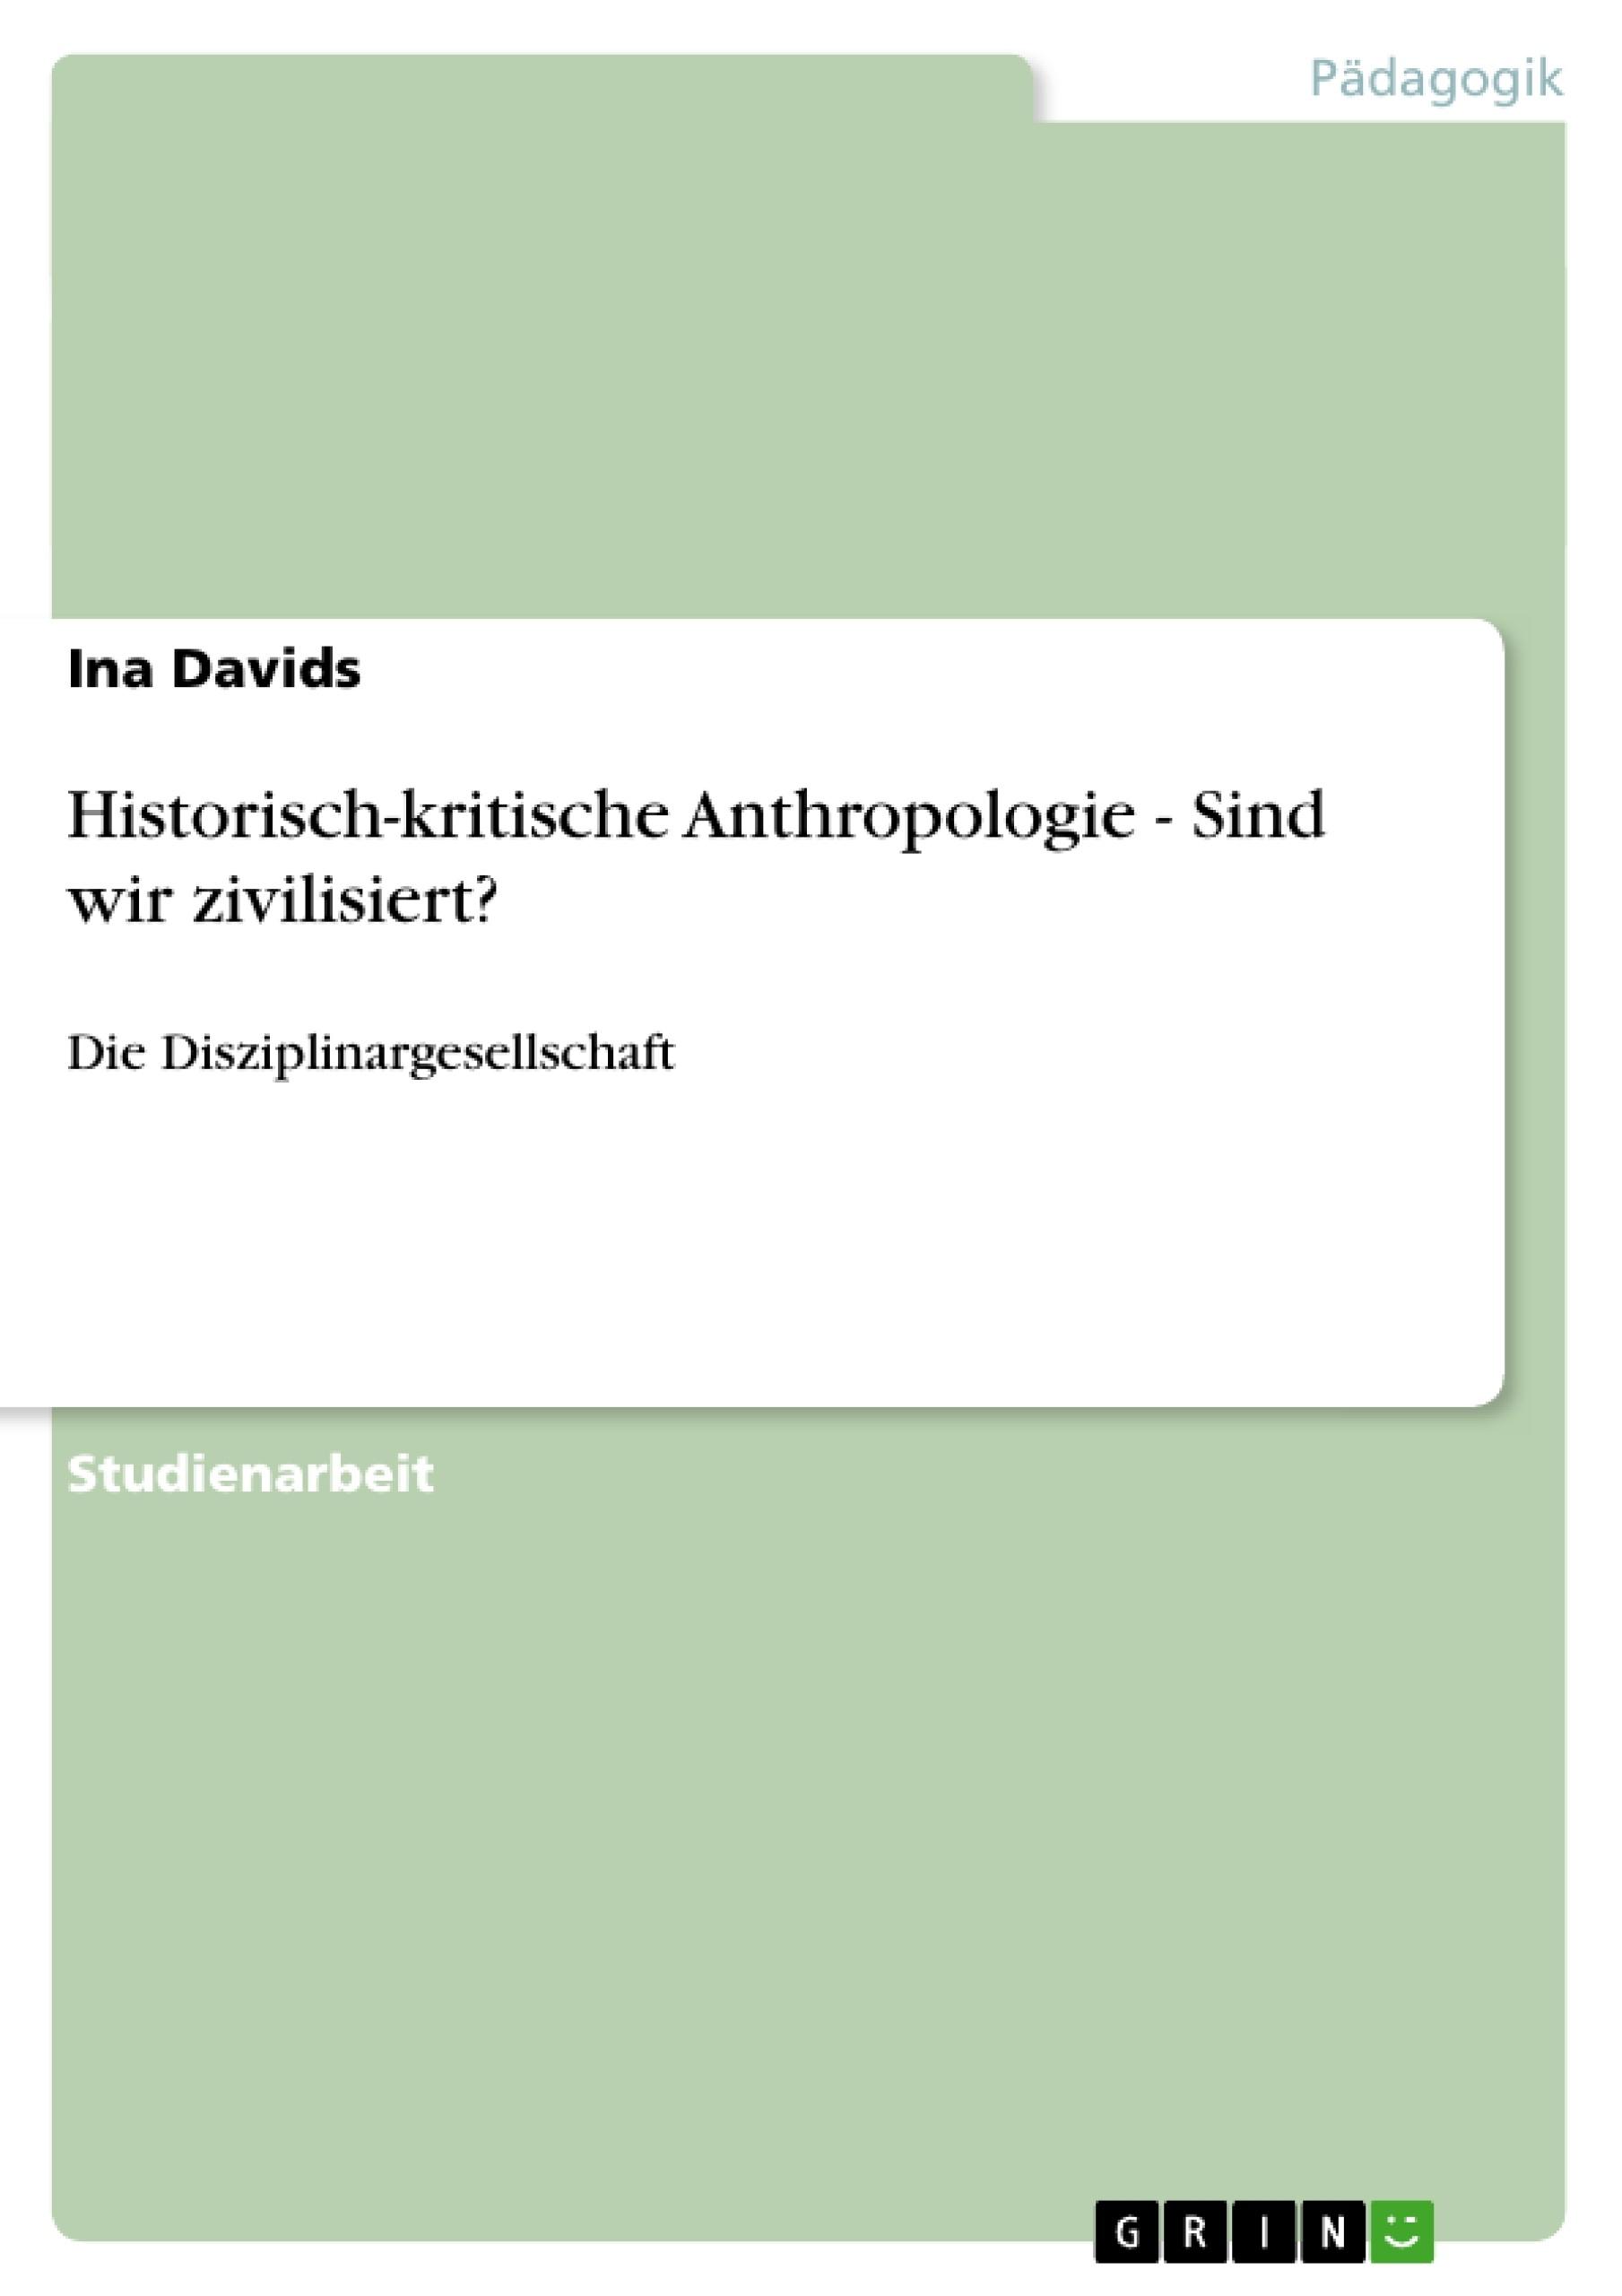 Titel: Historisch-kritische Anthropologie - Sind wir zivilisiert?